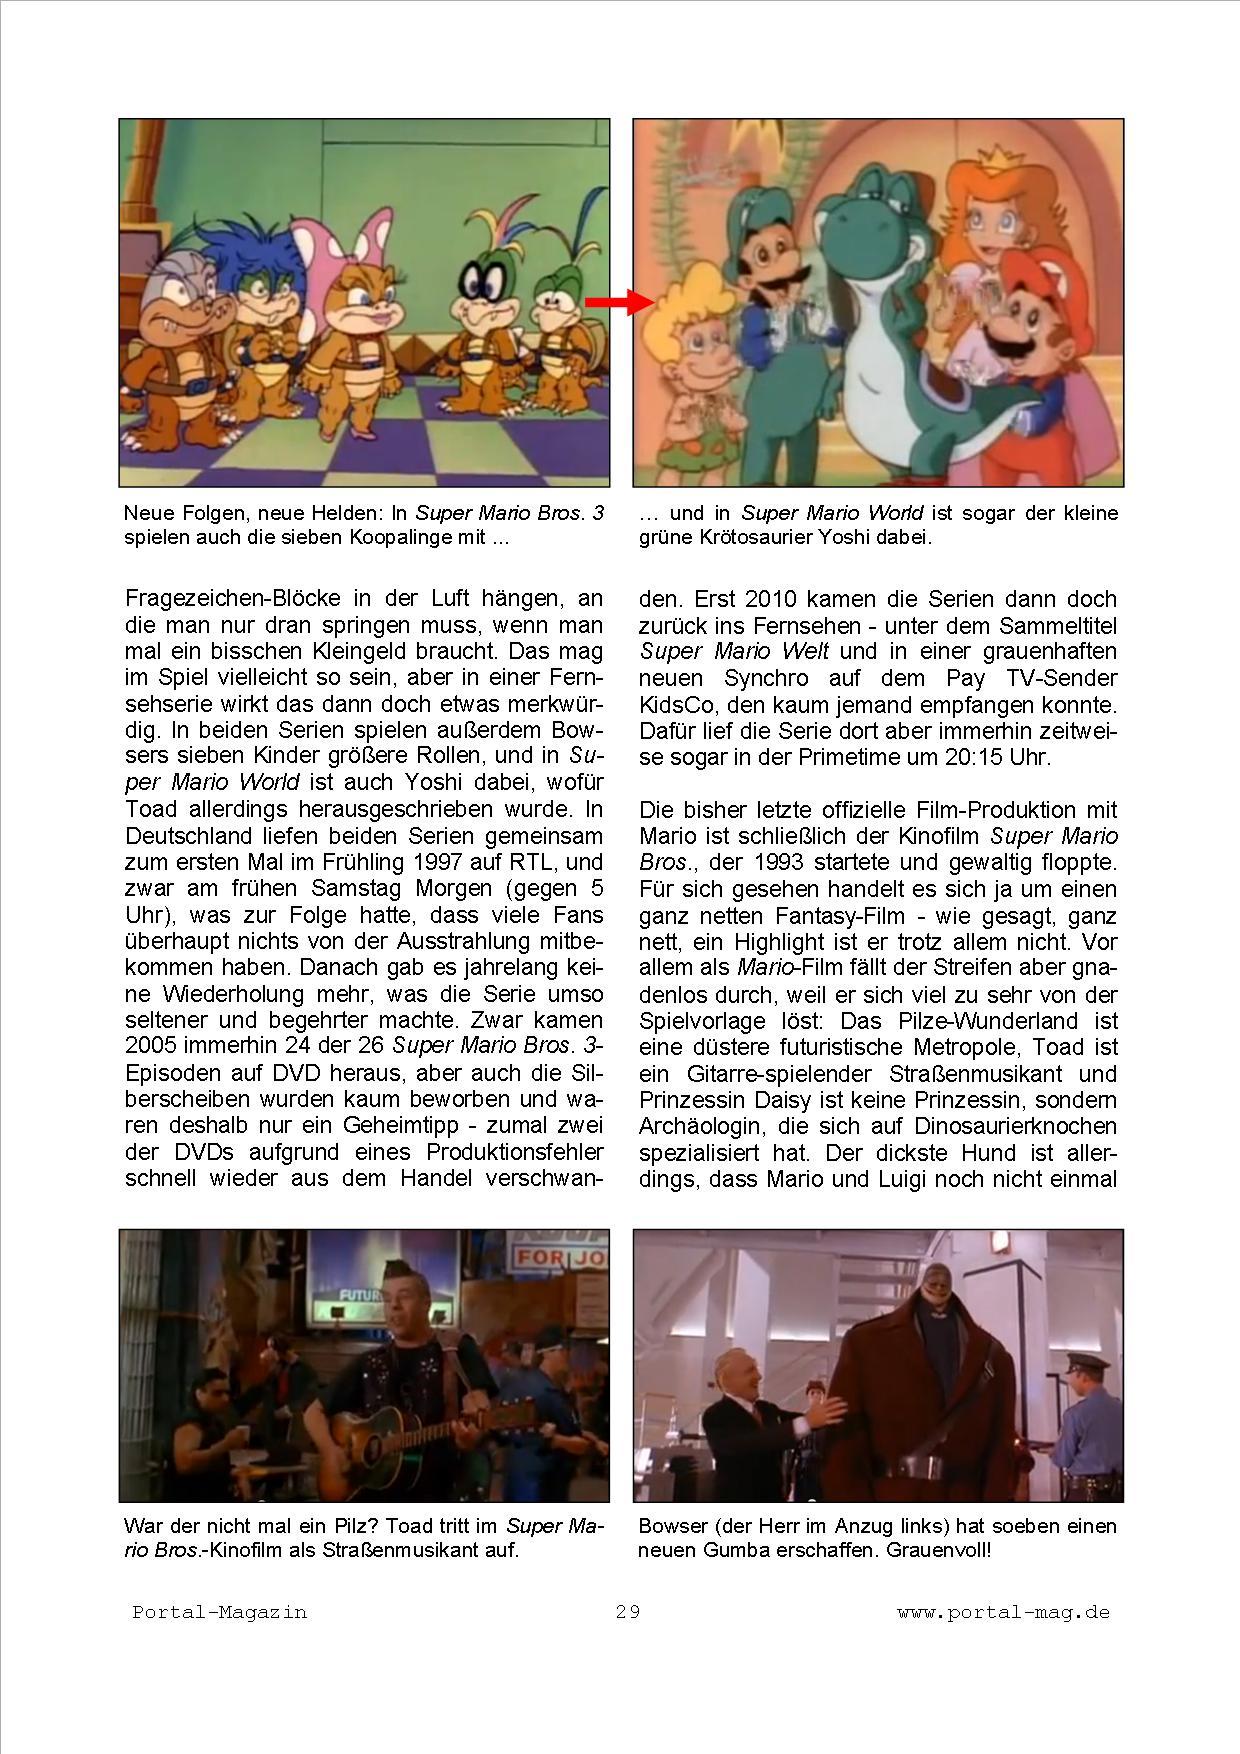 Ausgabe 26, Seite 29